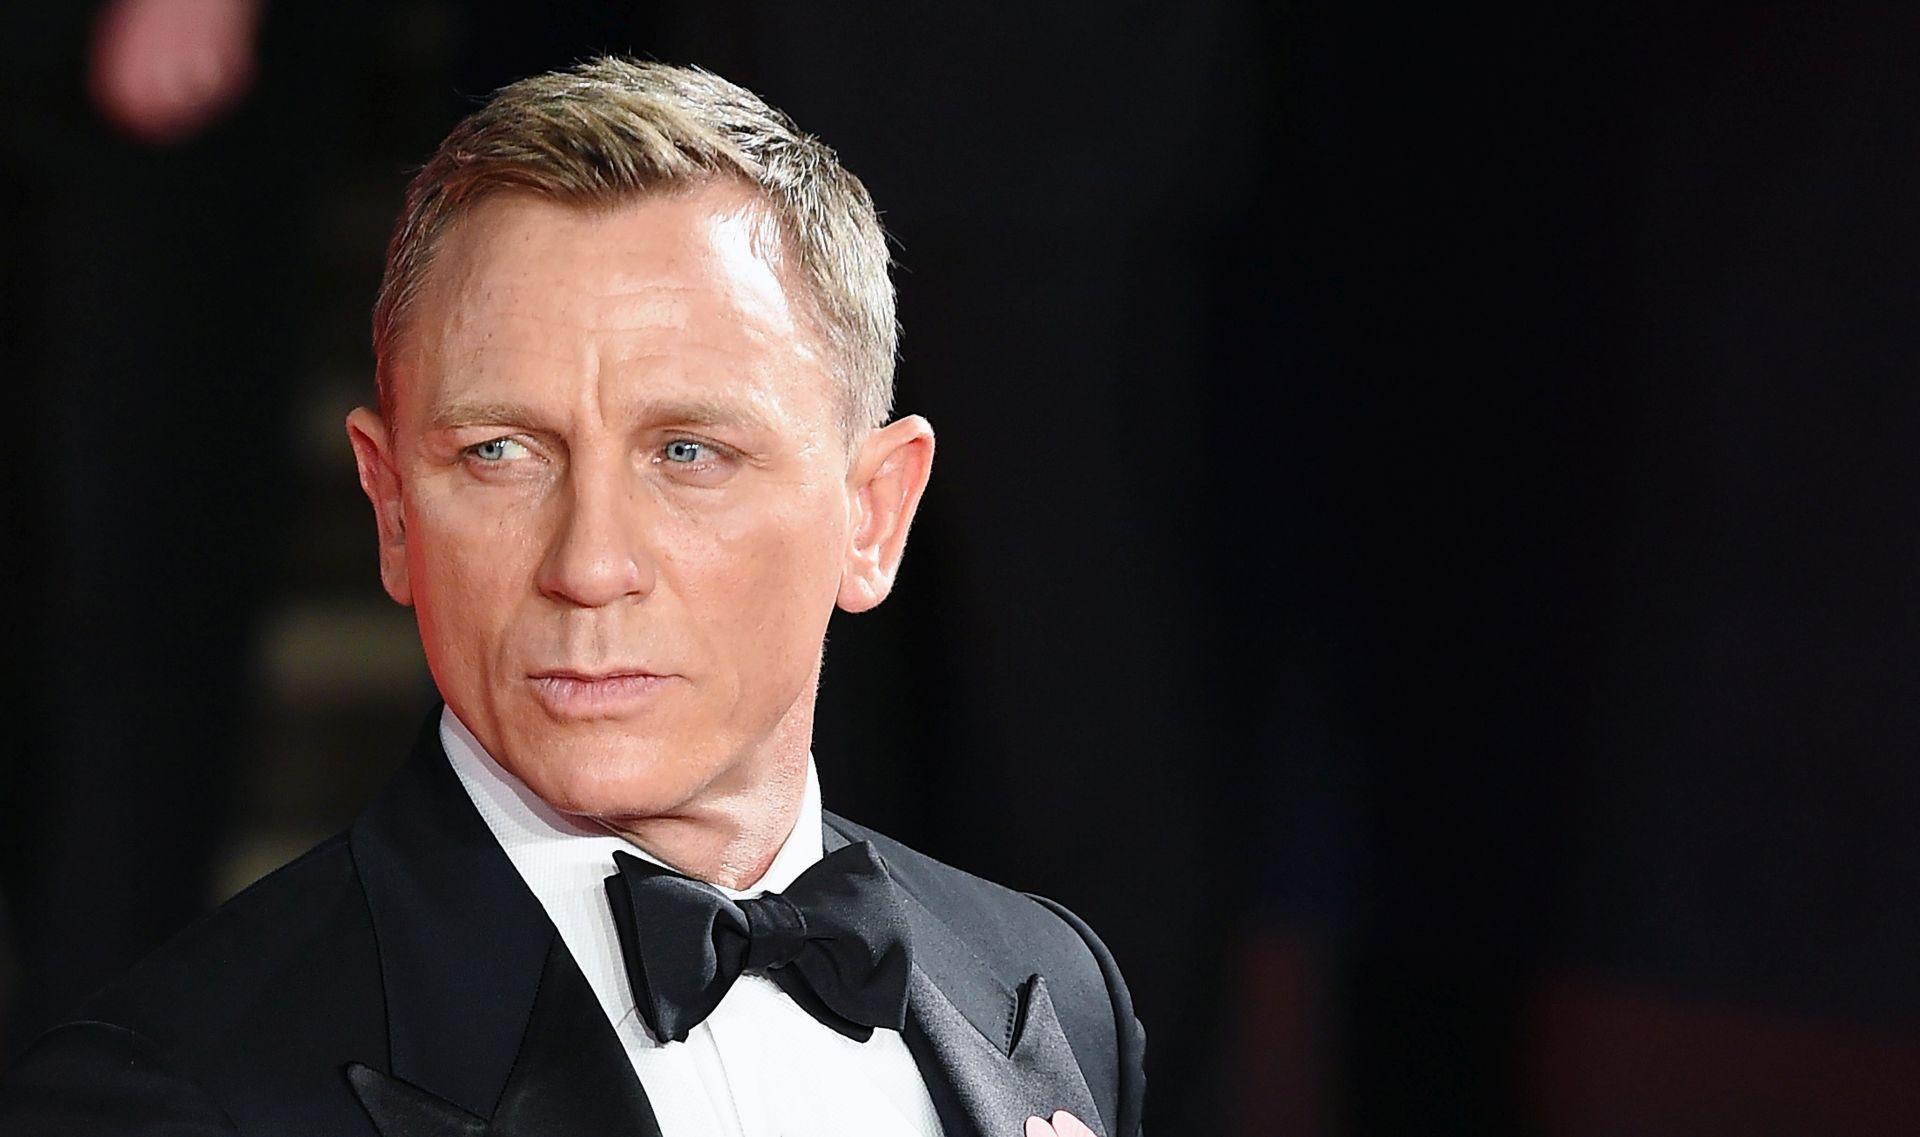 MI6 ZAPOŠLJAVA Tražimo emocionalne špijune, James Bond vjerojatno ne bi dobio posao